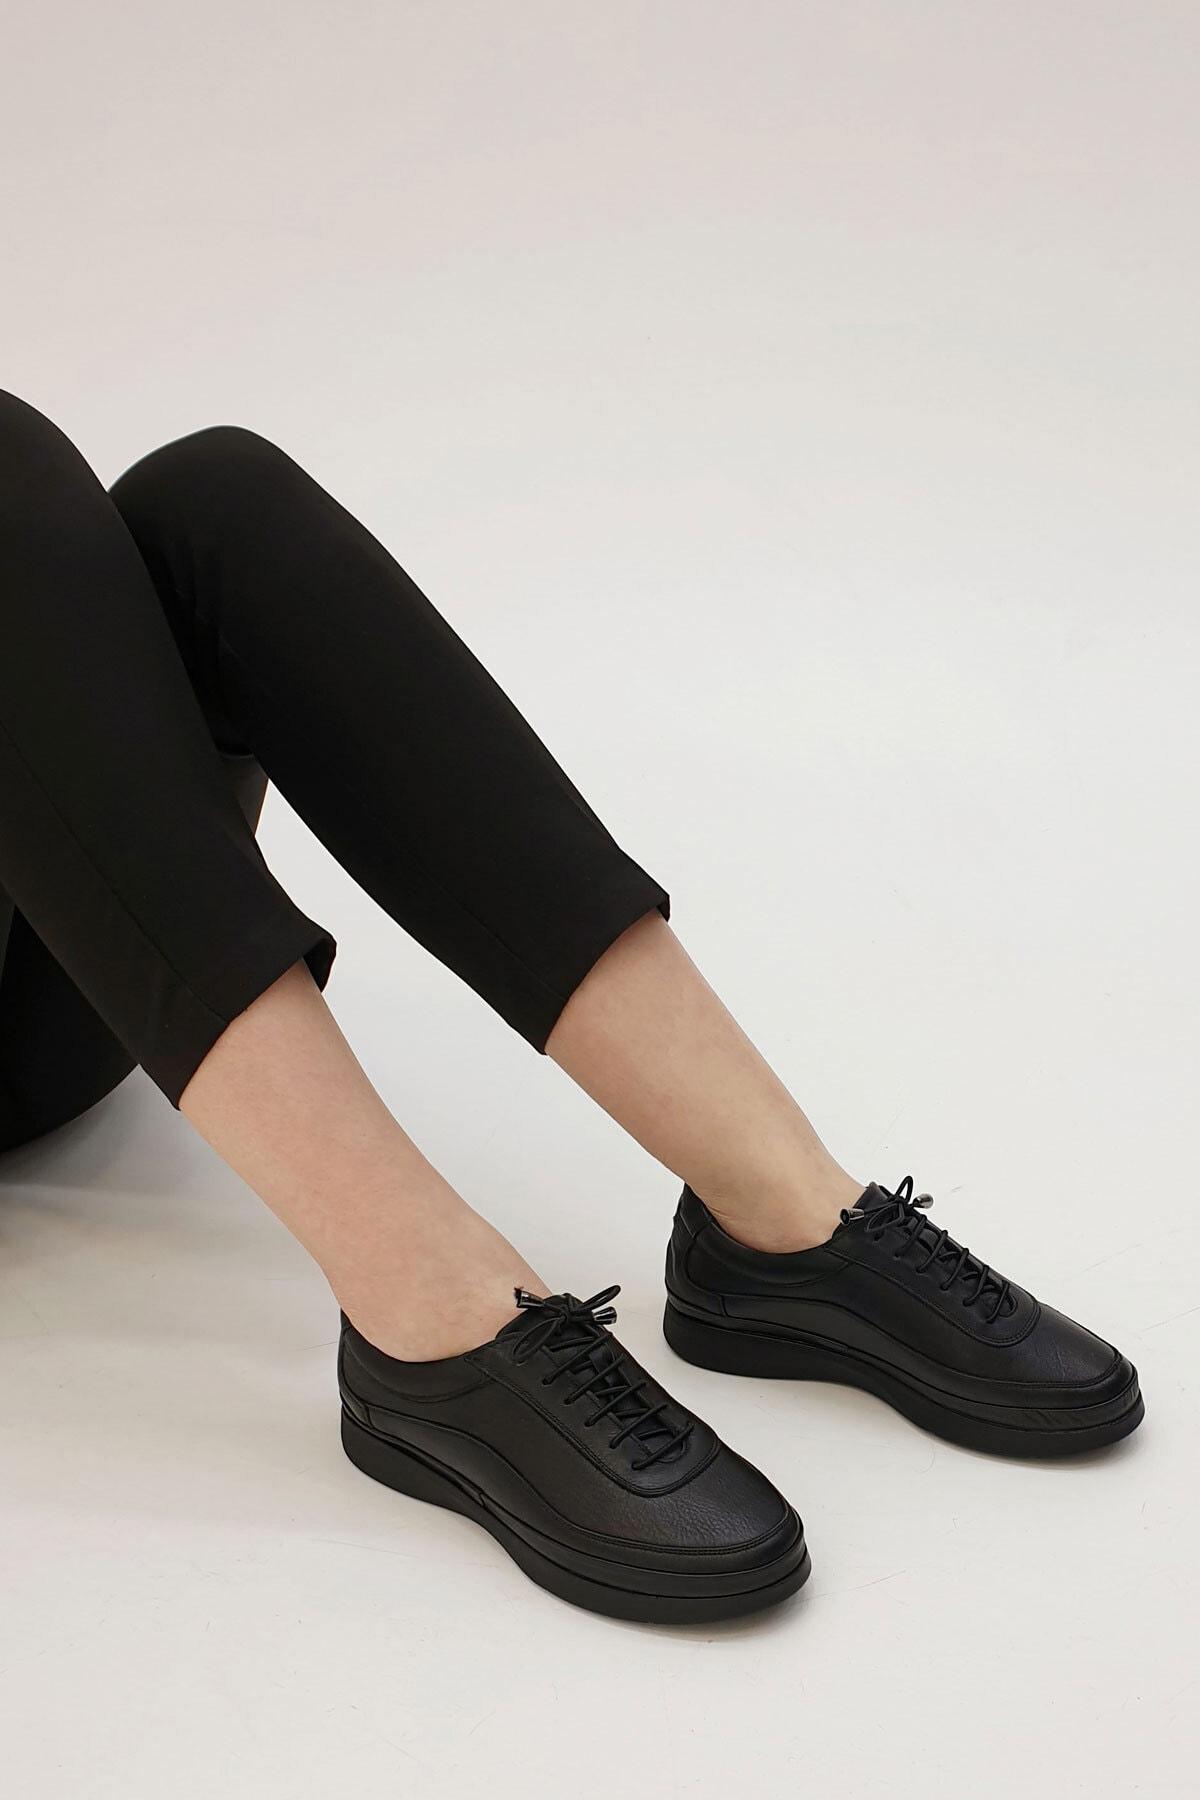 Marjin Sensiva Kadın Hakiki Deri Comfort Ayakkabısiyah 2